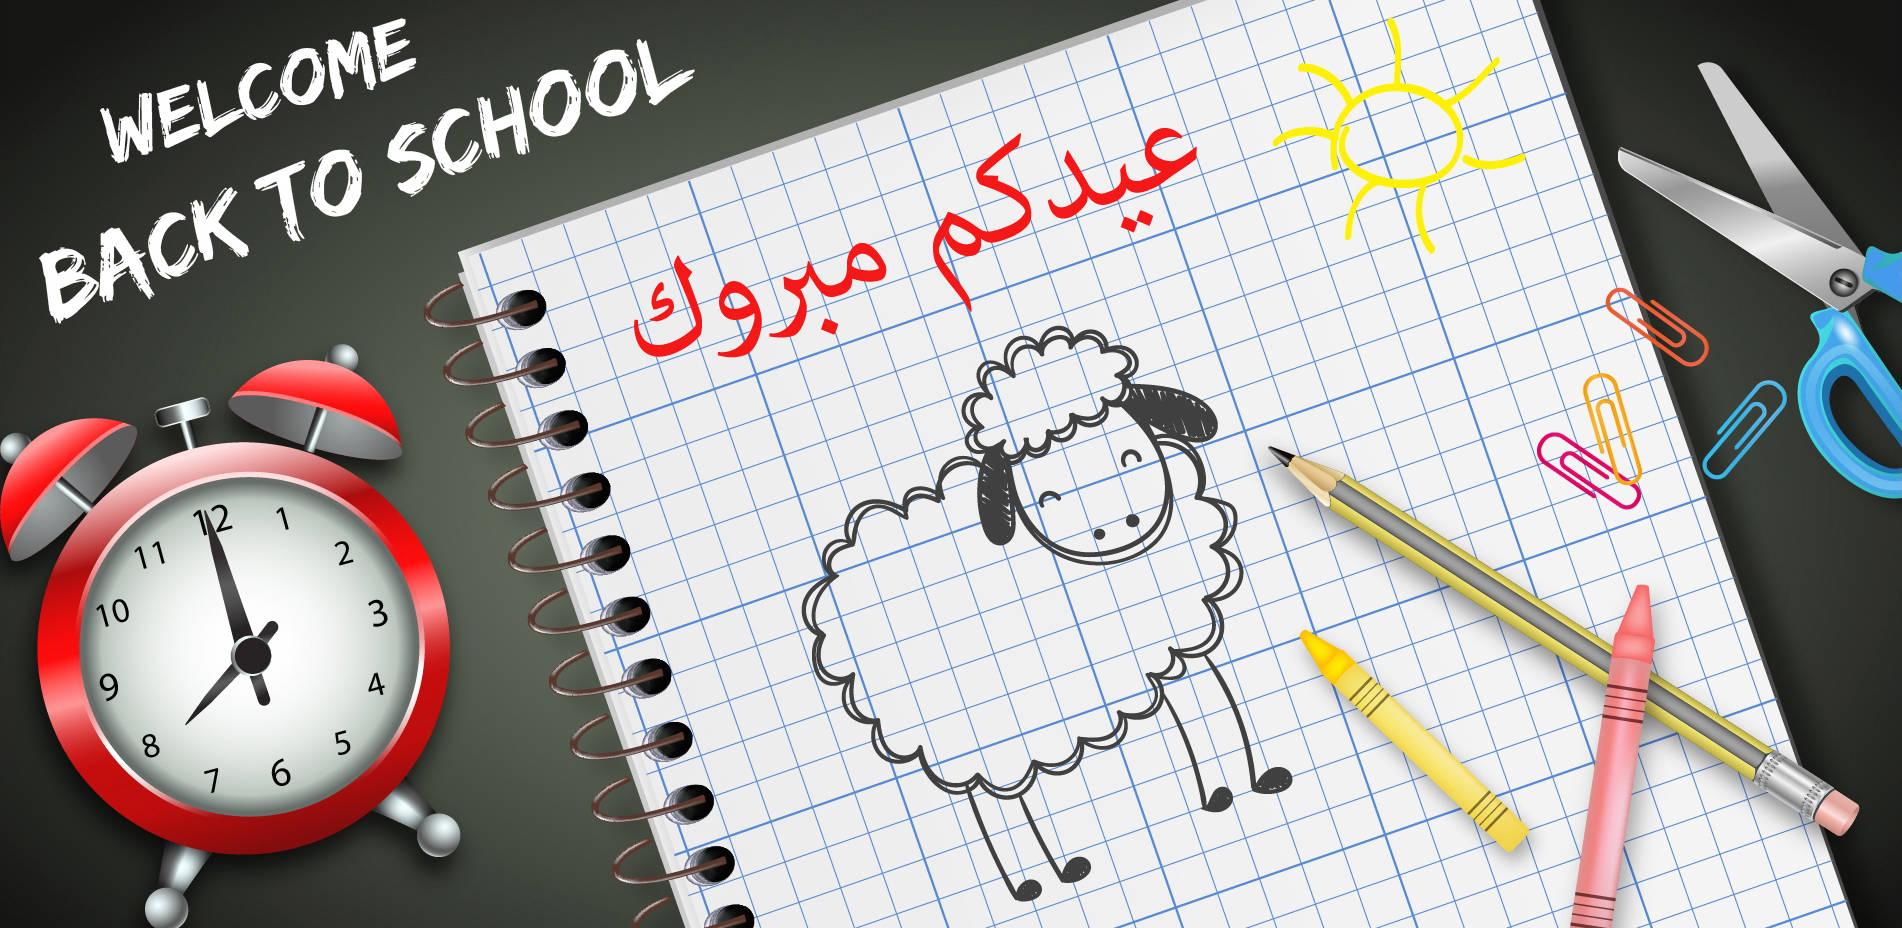 ban-aid-school-site-web